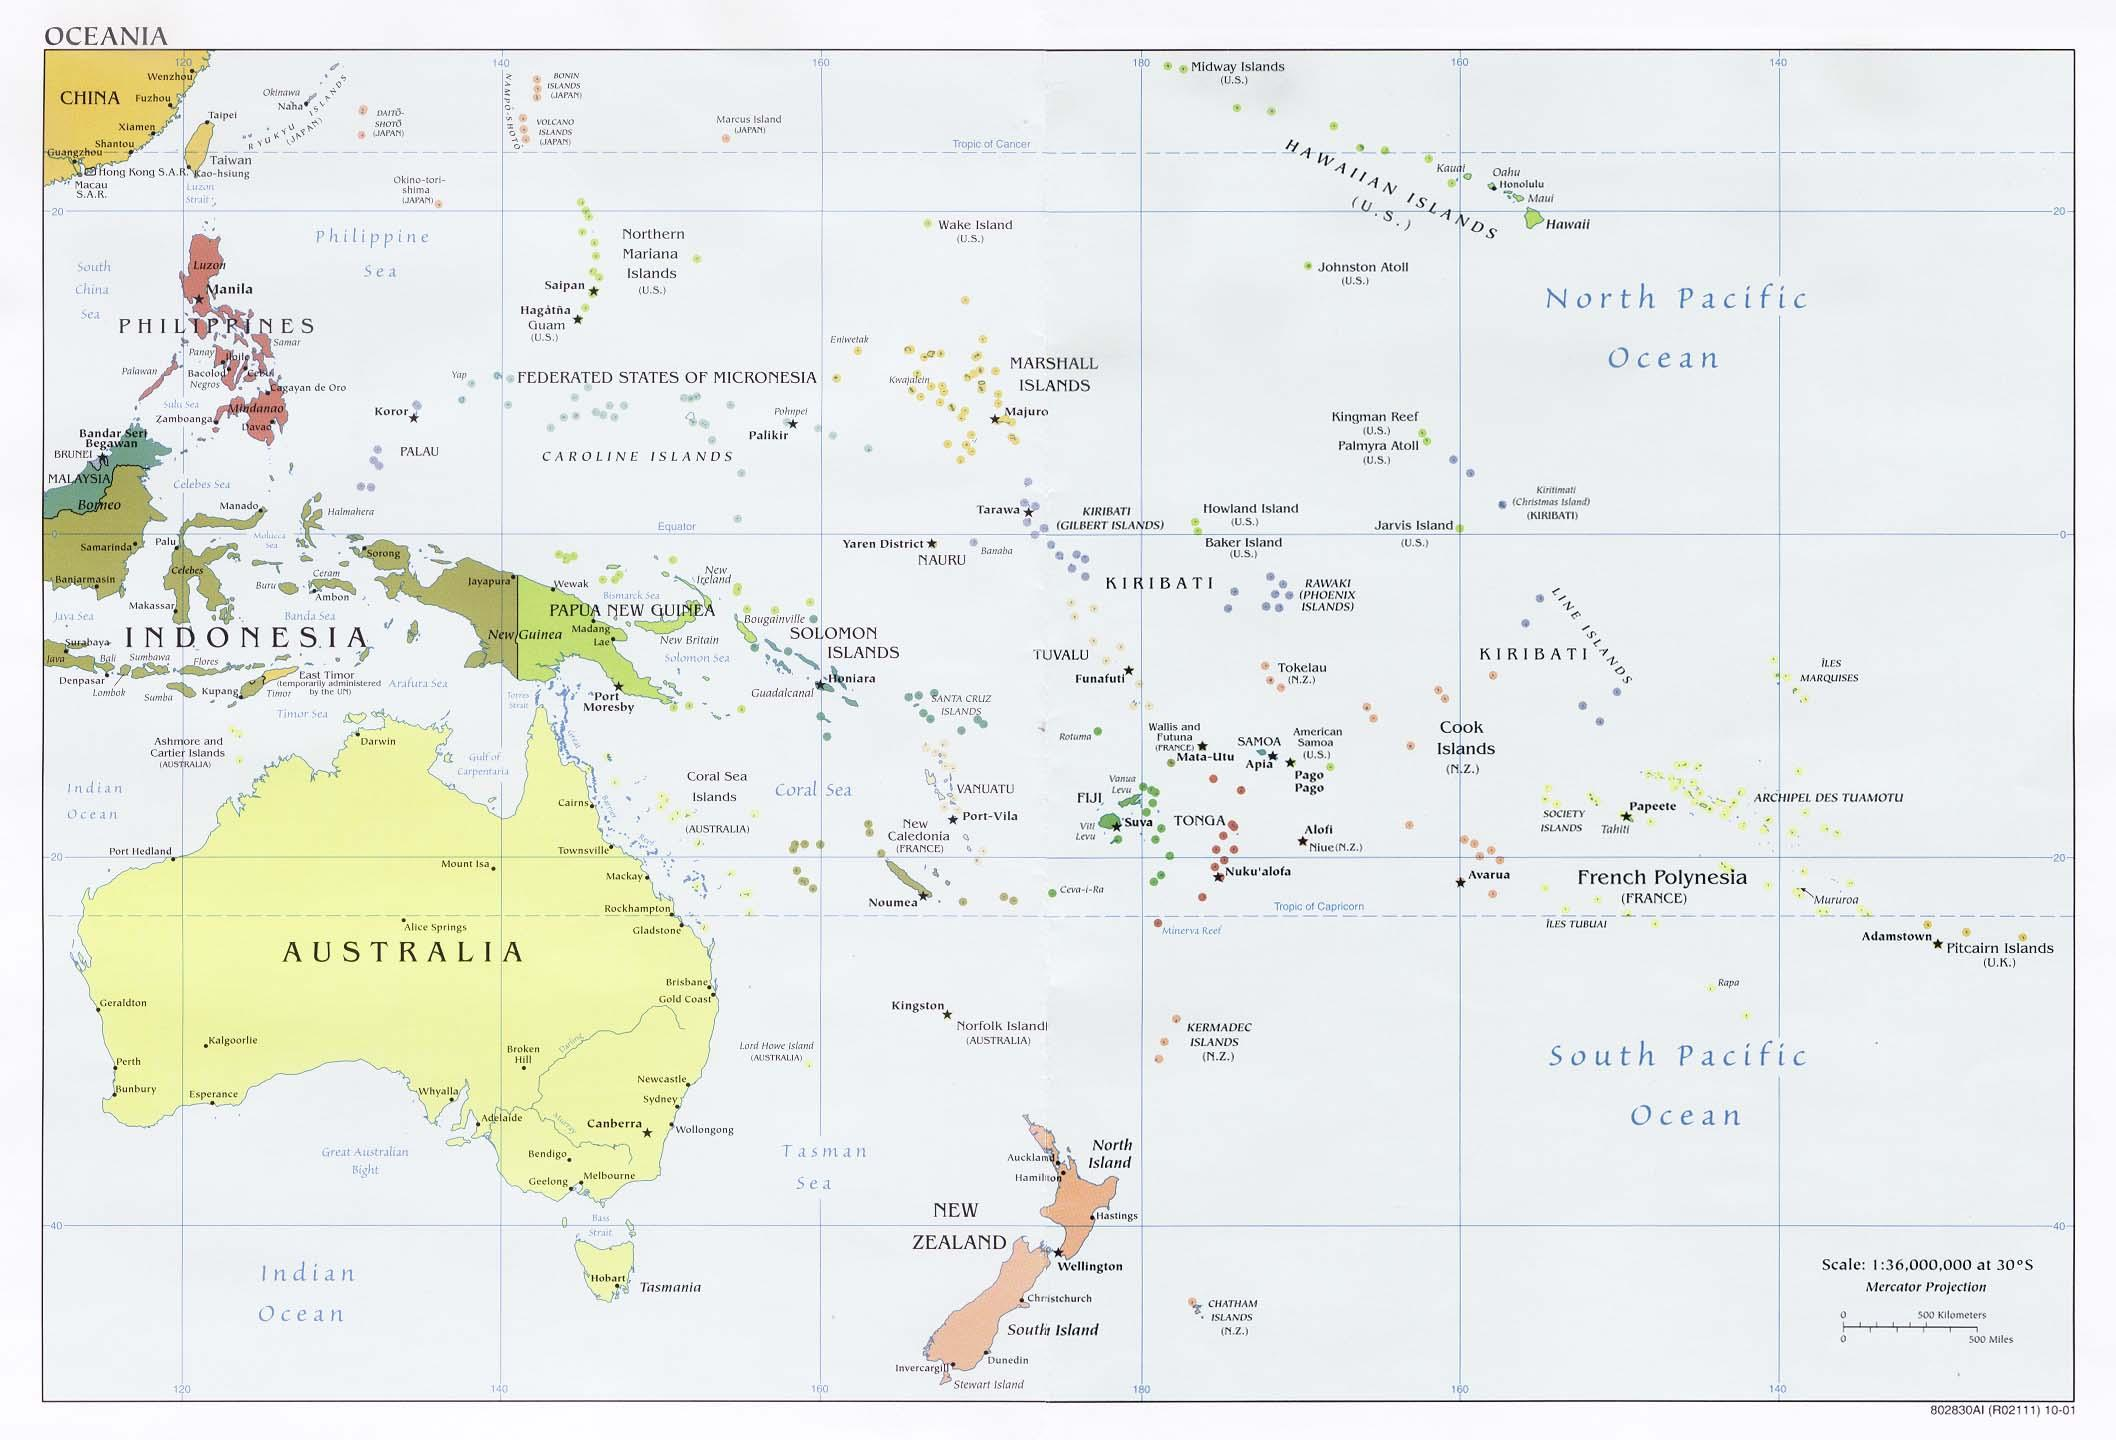 图瓦卢英文全图